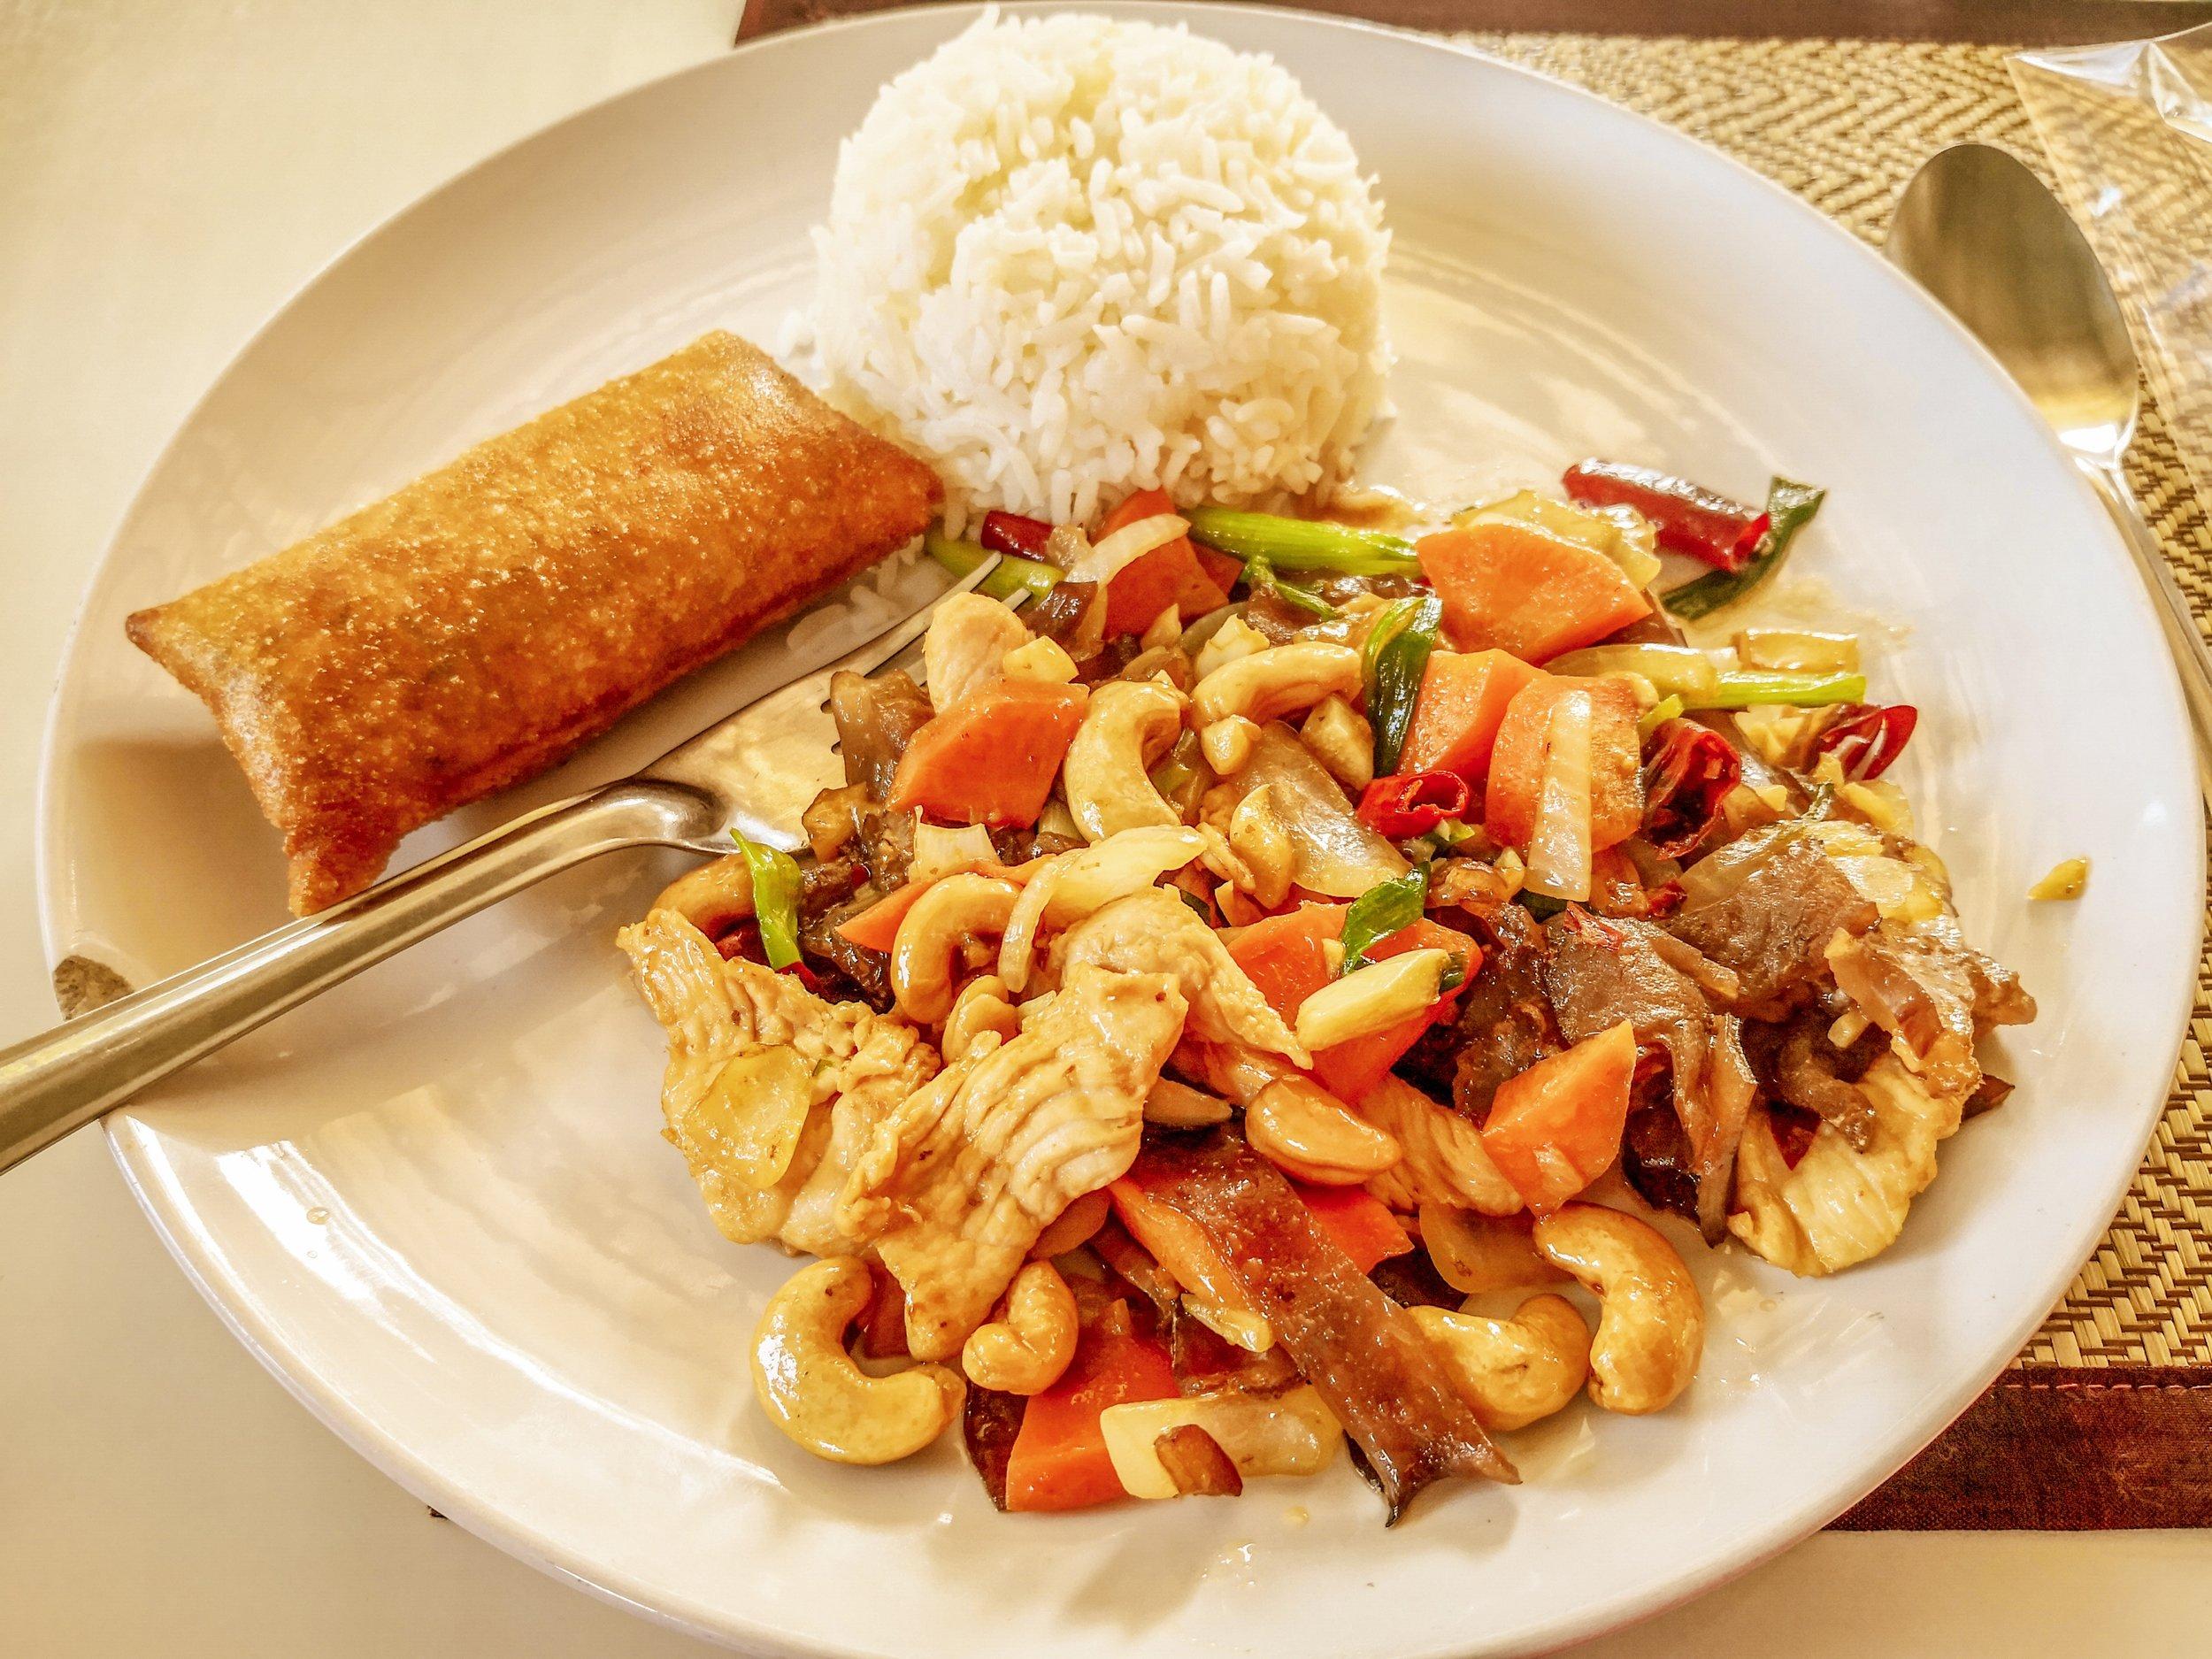 Pirított csirke kesudióval és tavaszi (zöldség) tekerccsel - ezeket Szilvi készítette a főzőiskolában